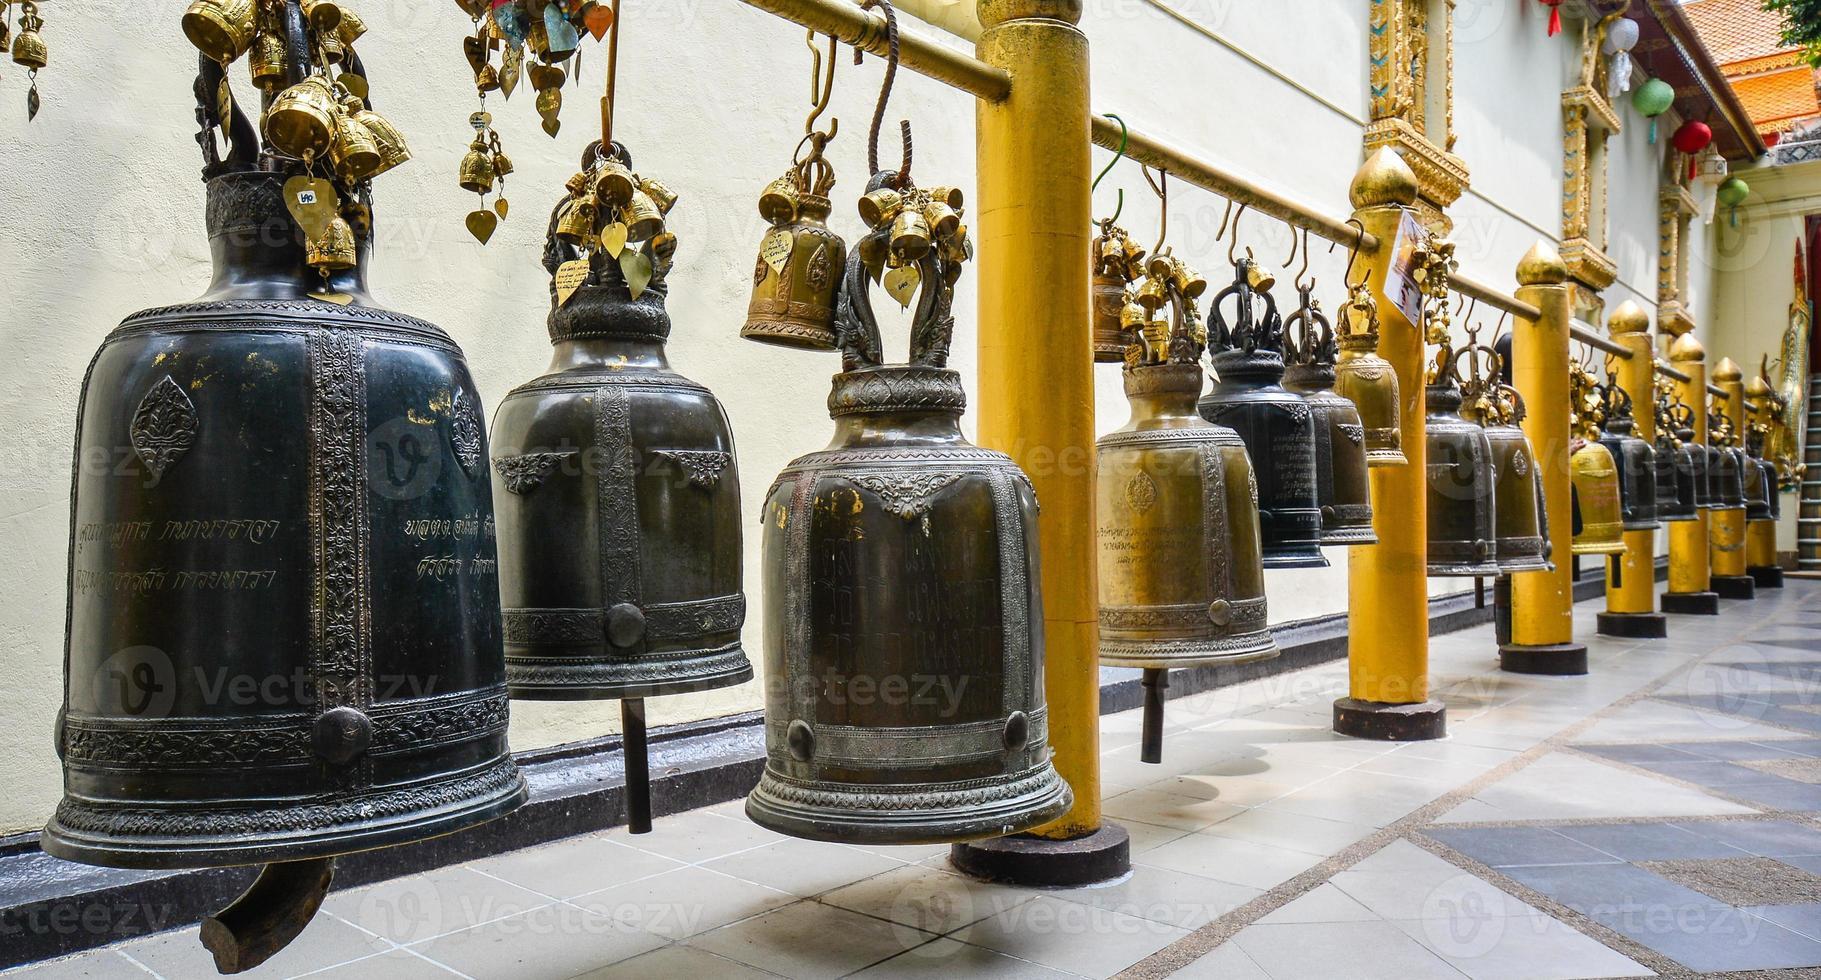 boeddhistische klokken in wat phra dat doi suthep - Thailand foto